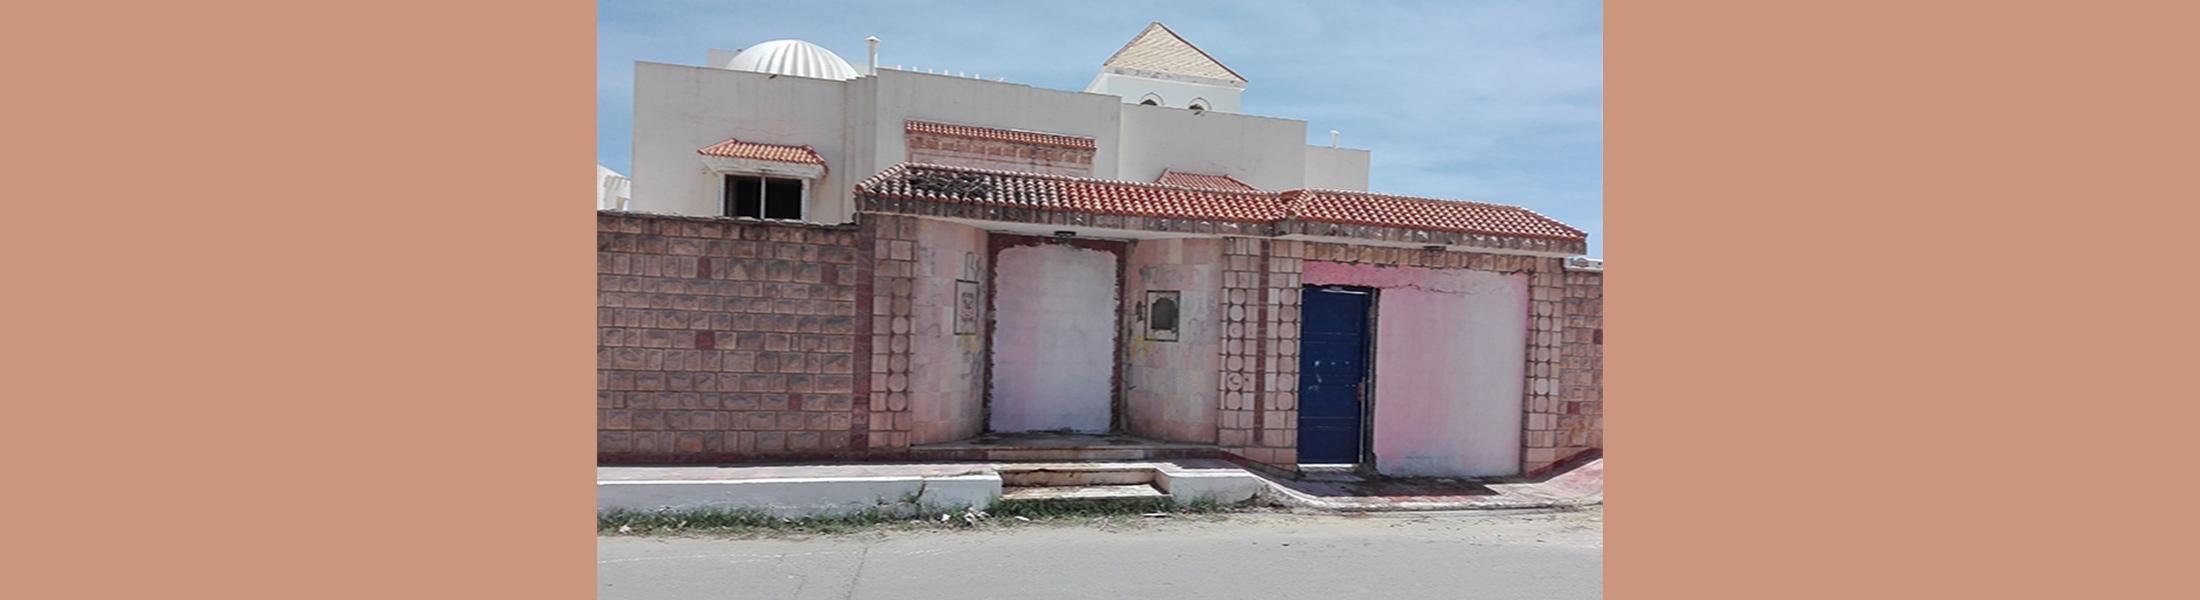 فيلا الهام - حمام سوسة (طلب العروض عدد 08 لسنة 2021)